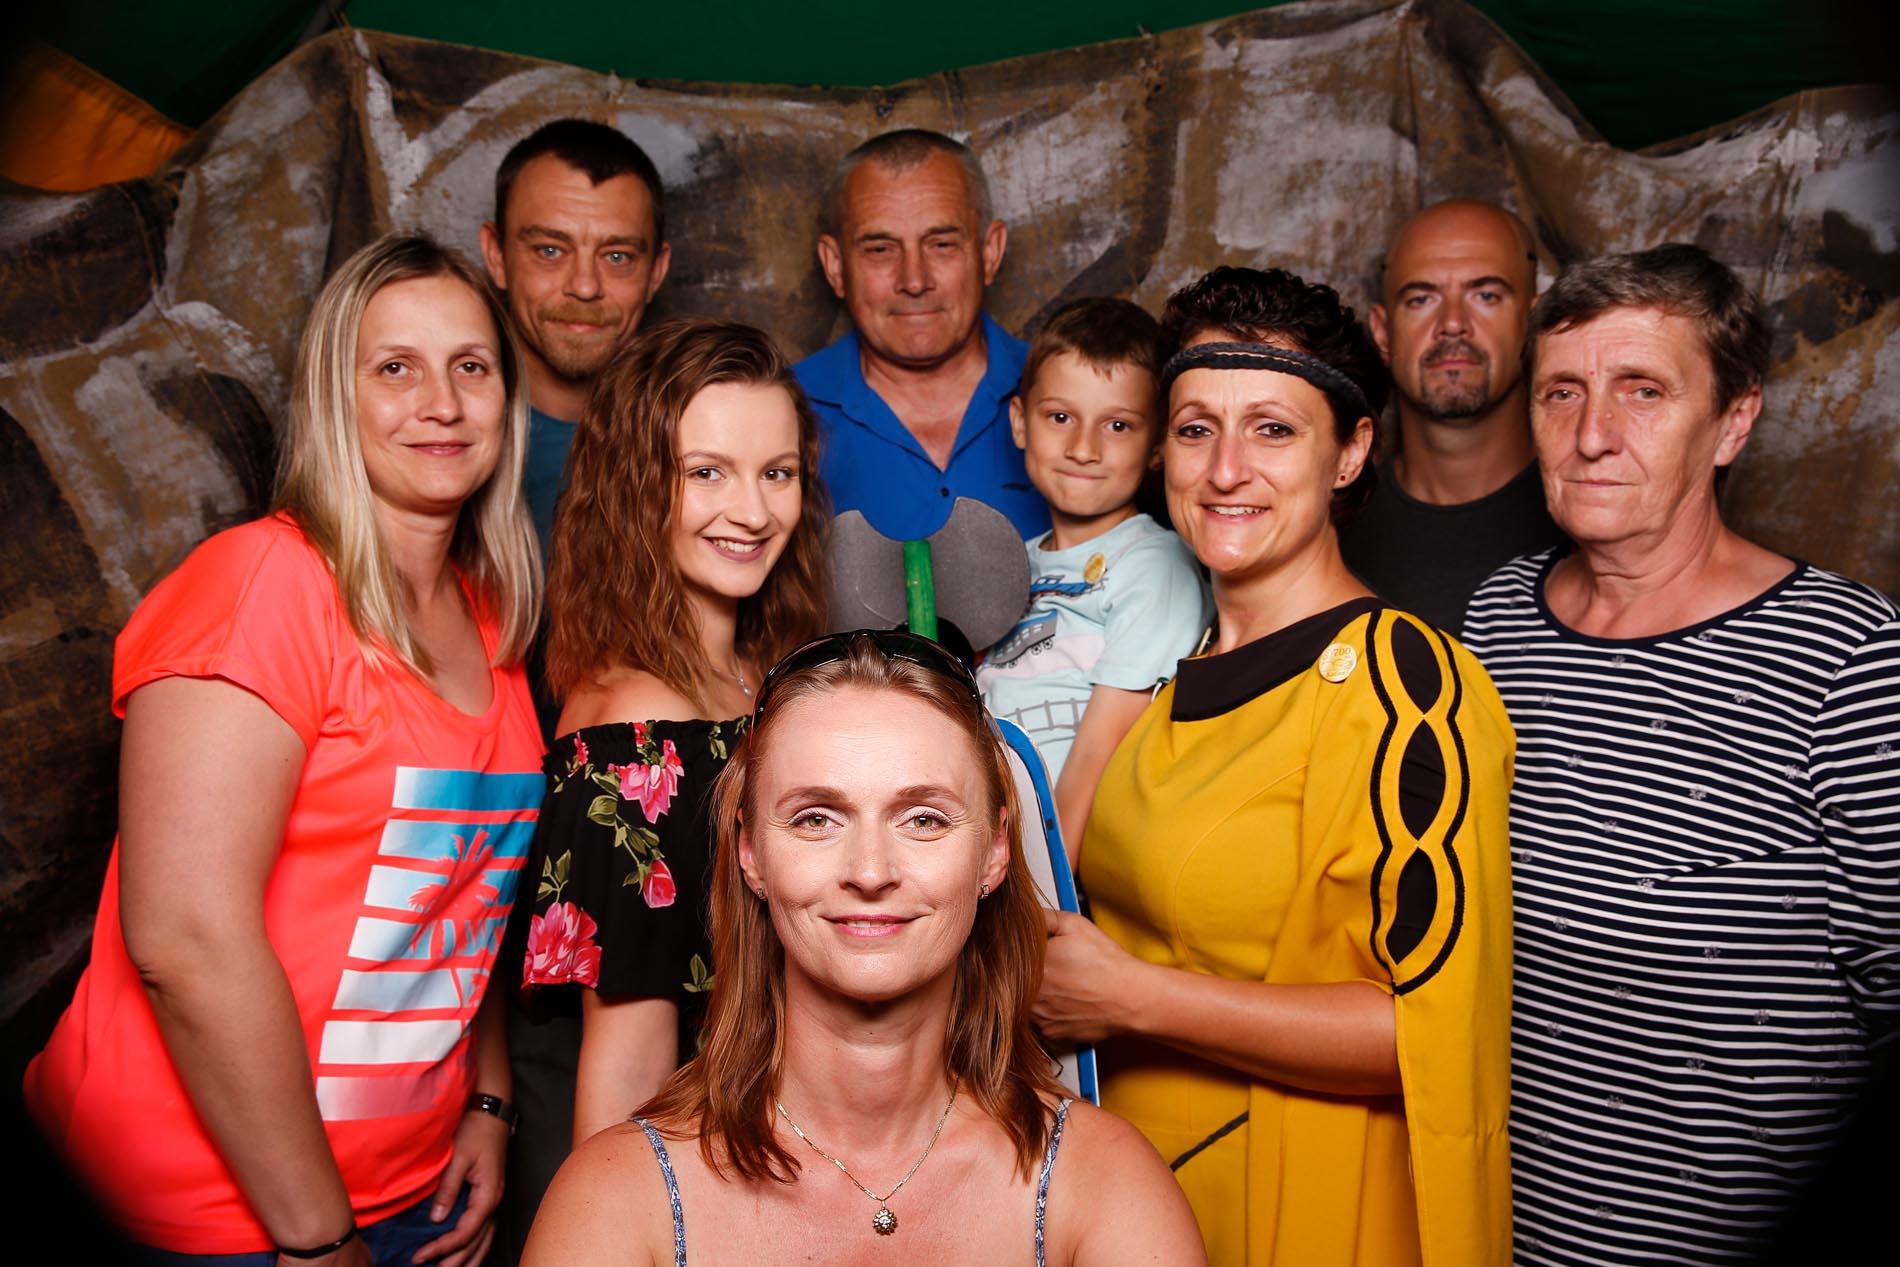 700 let obce Kačice